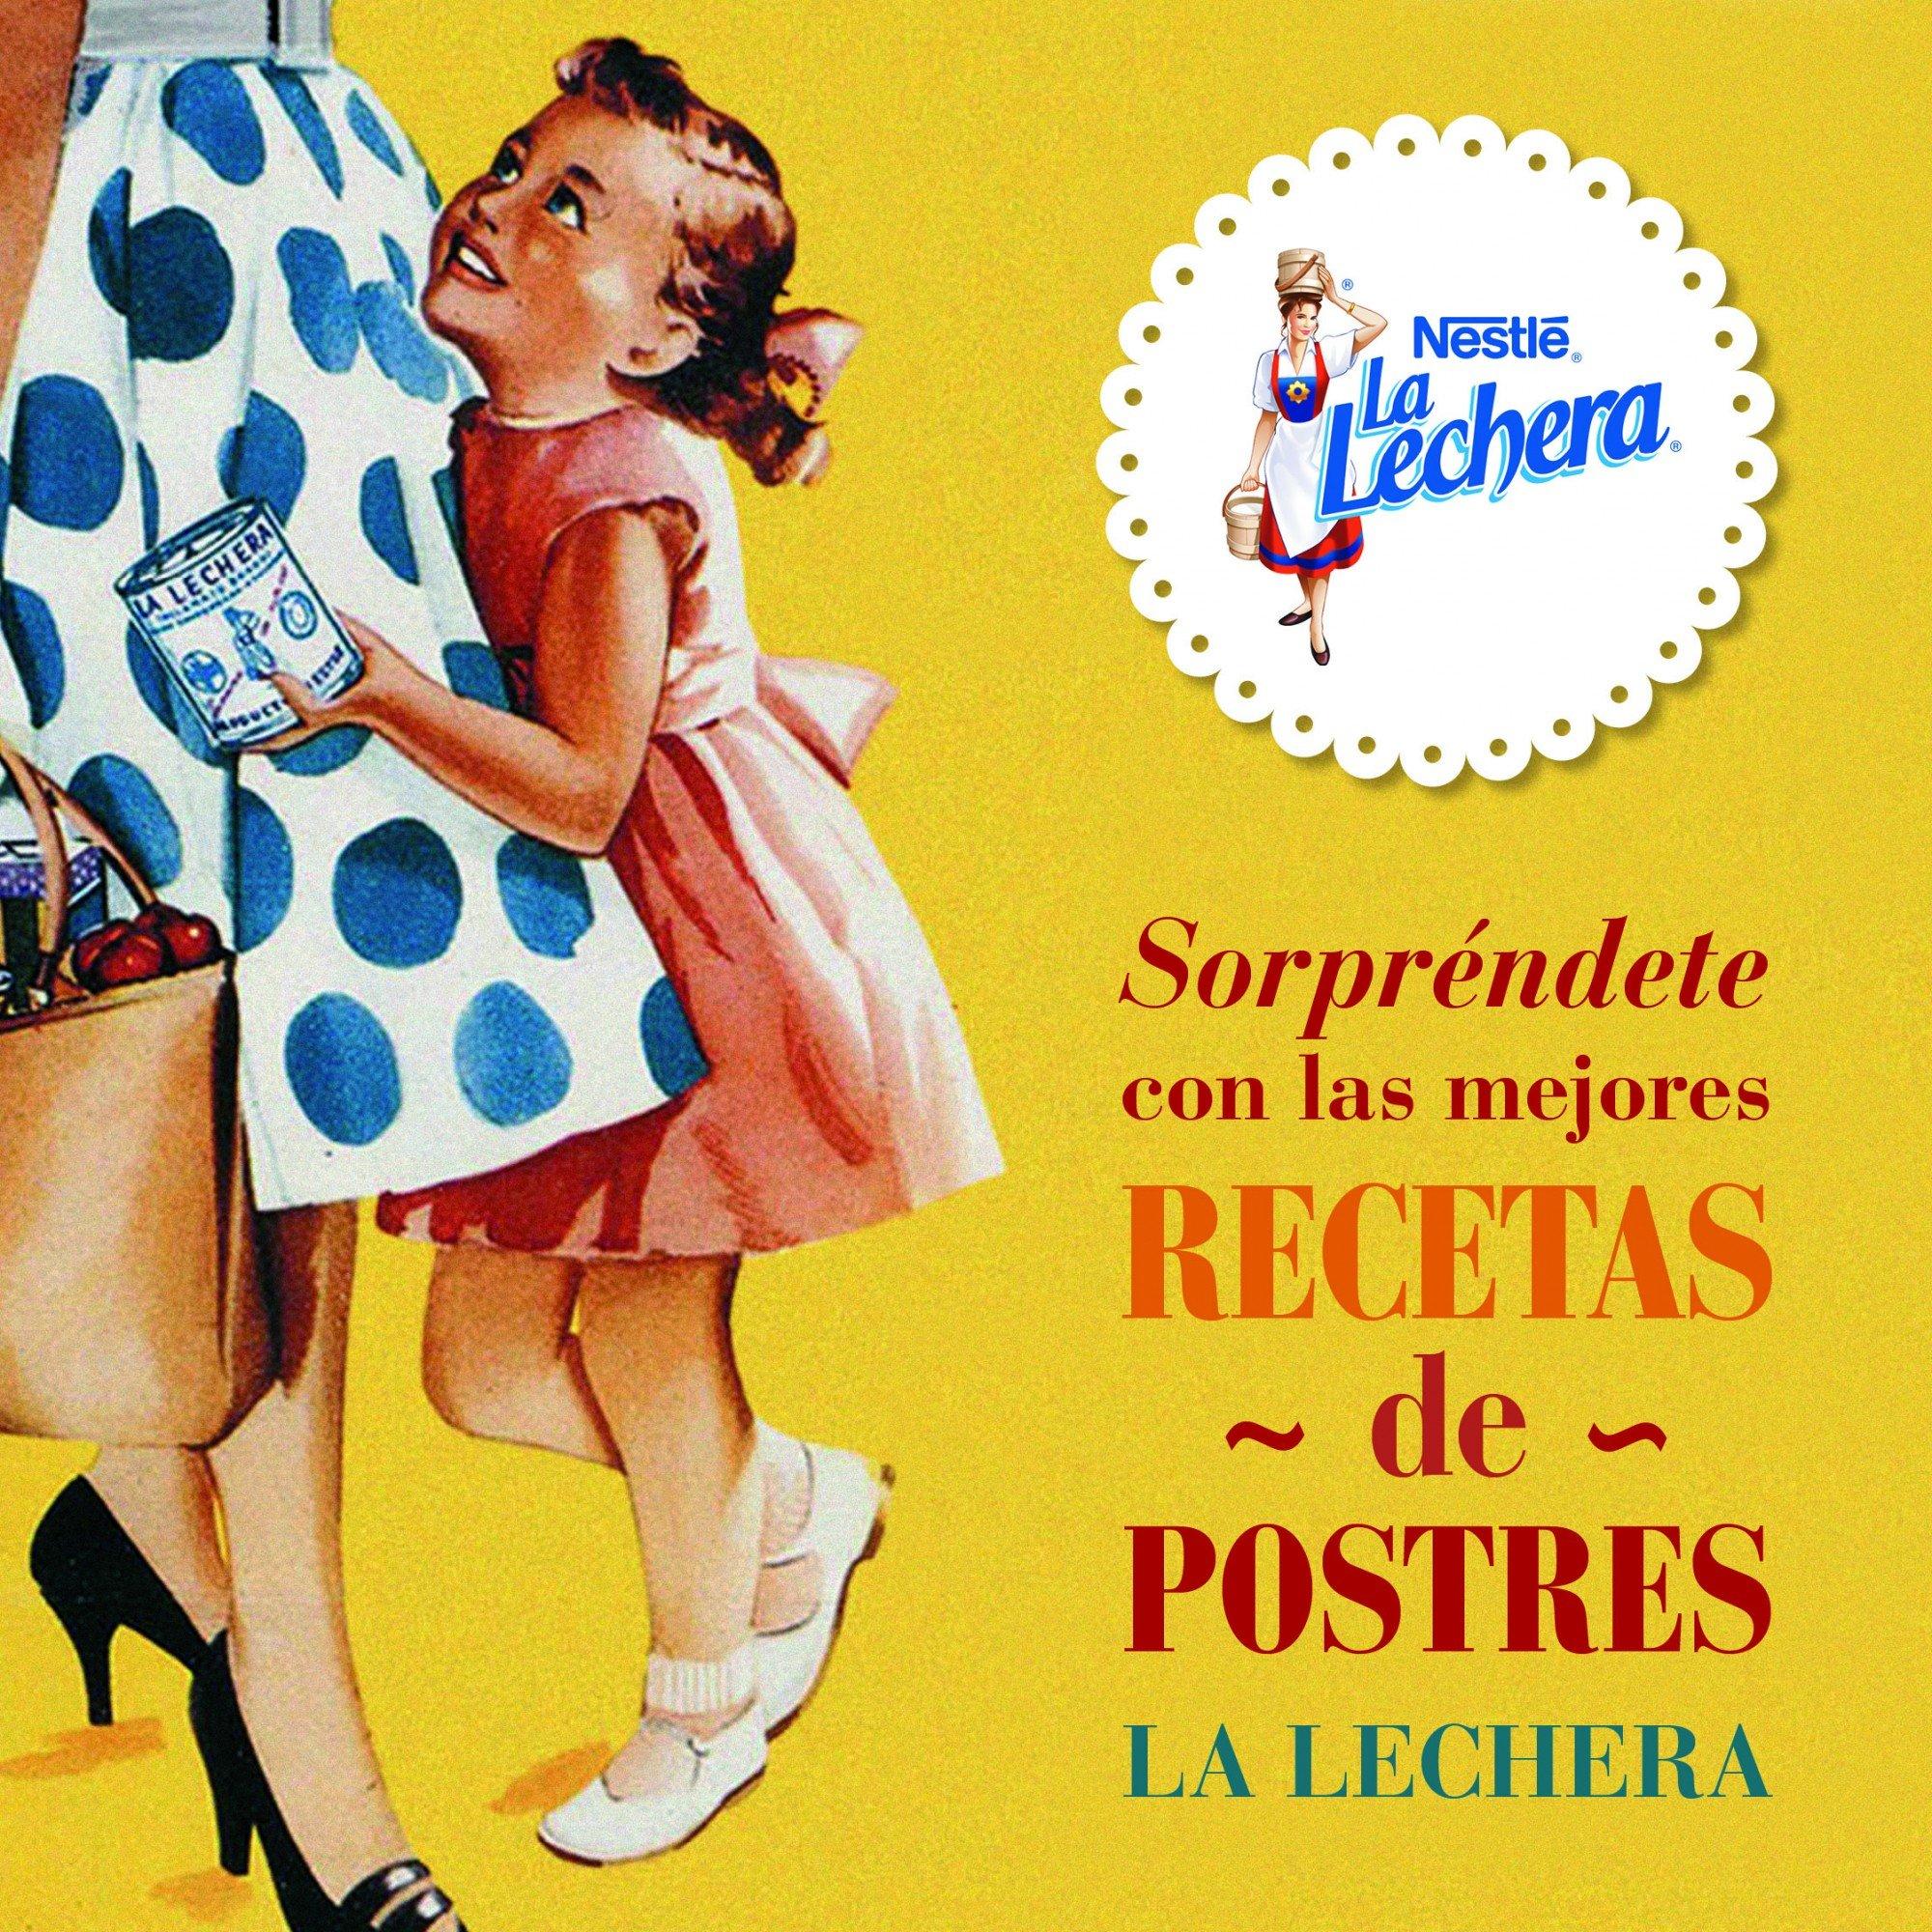 Sorpr ndete con las mejores recetas de postres LA LECHERA: Nestle: 9788415888499: Amazon.com: Books